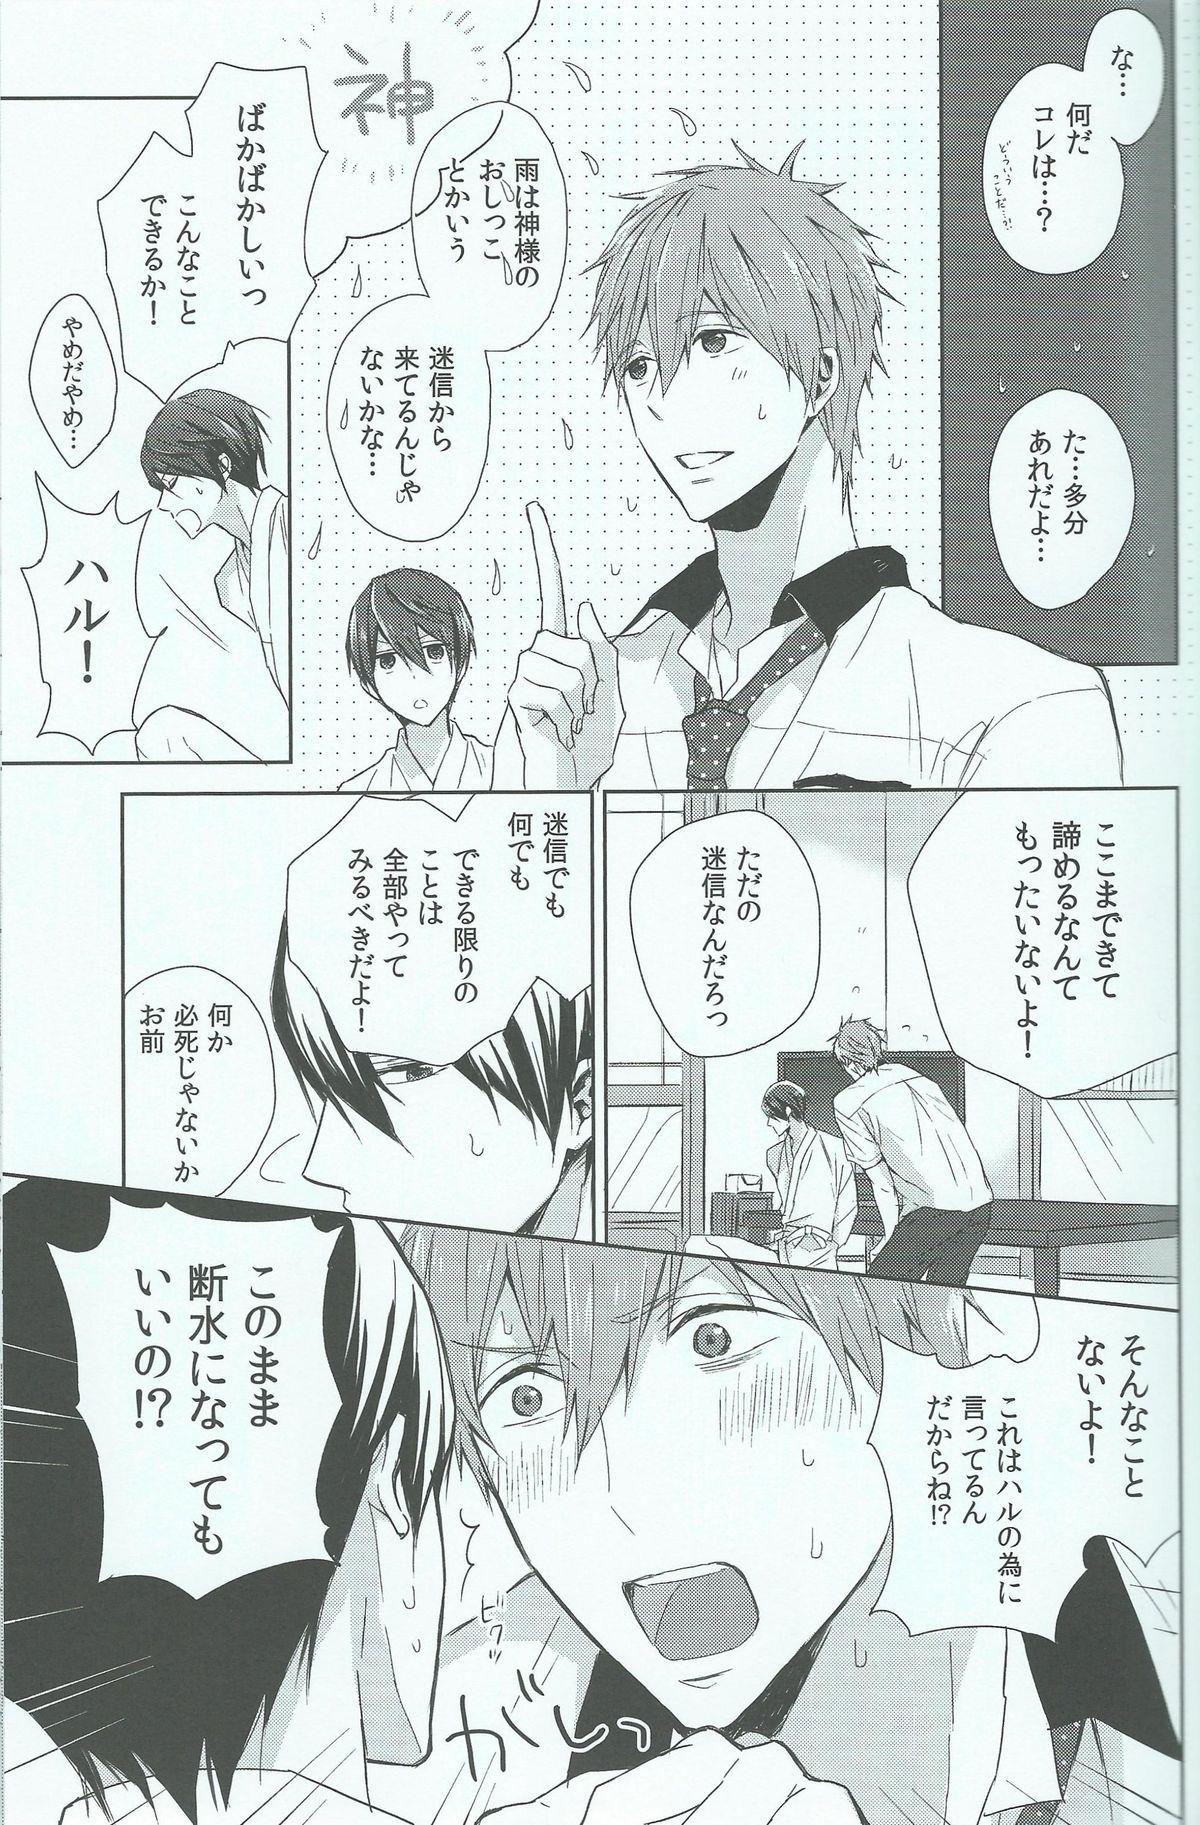 Haru-chan no Maru Hi Amagoi Daisakusen!! 15